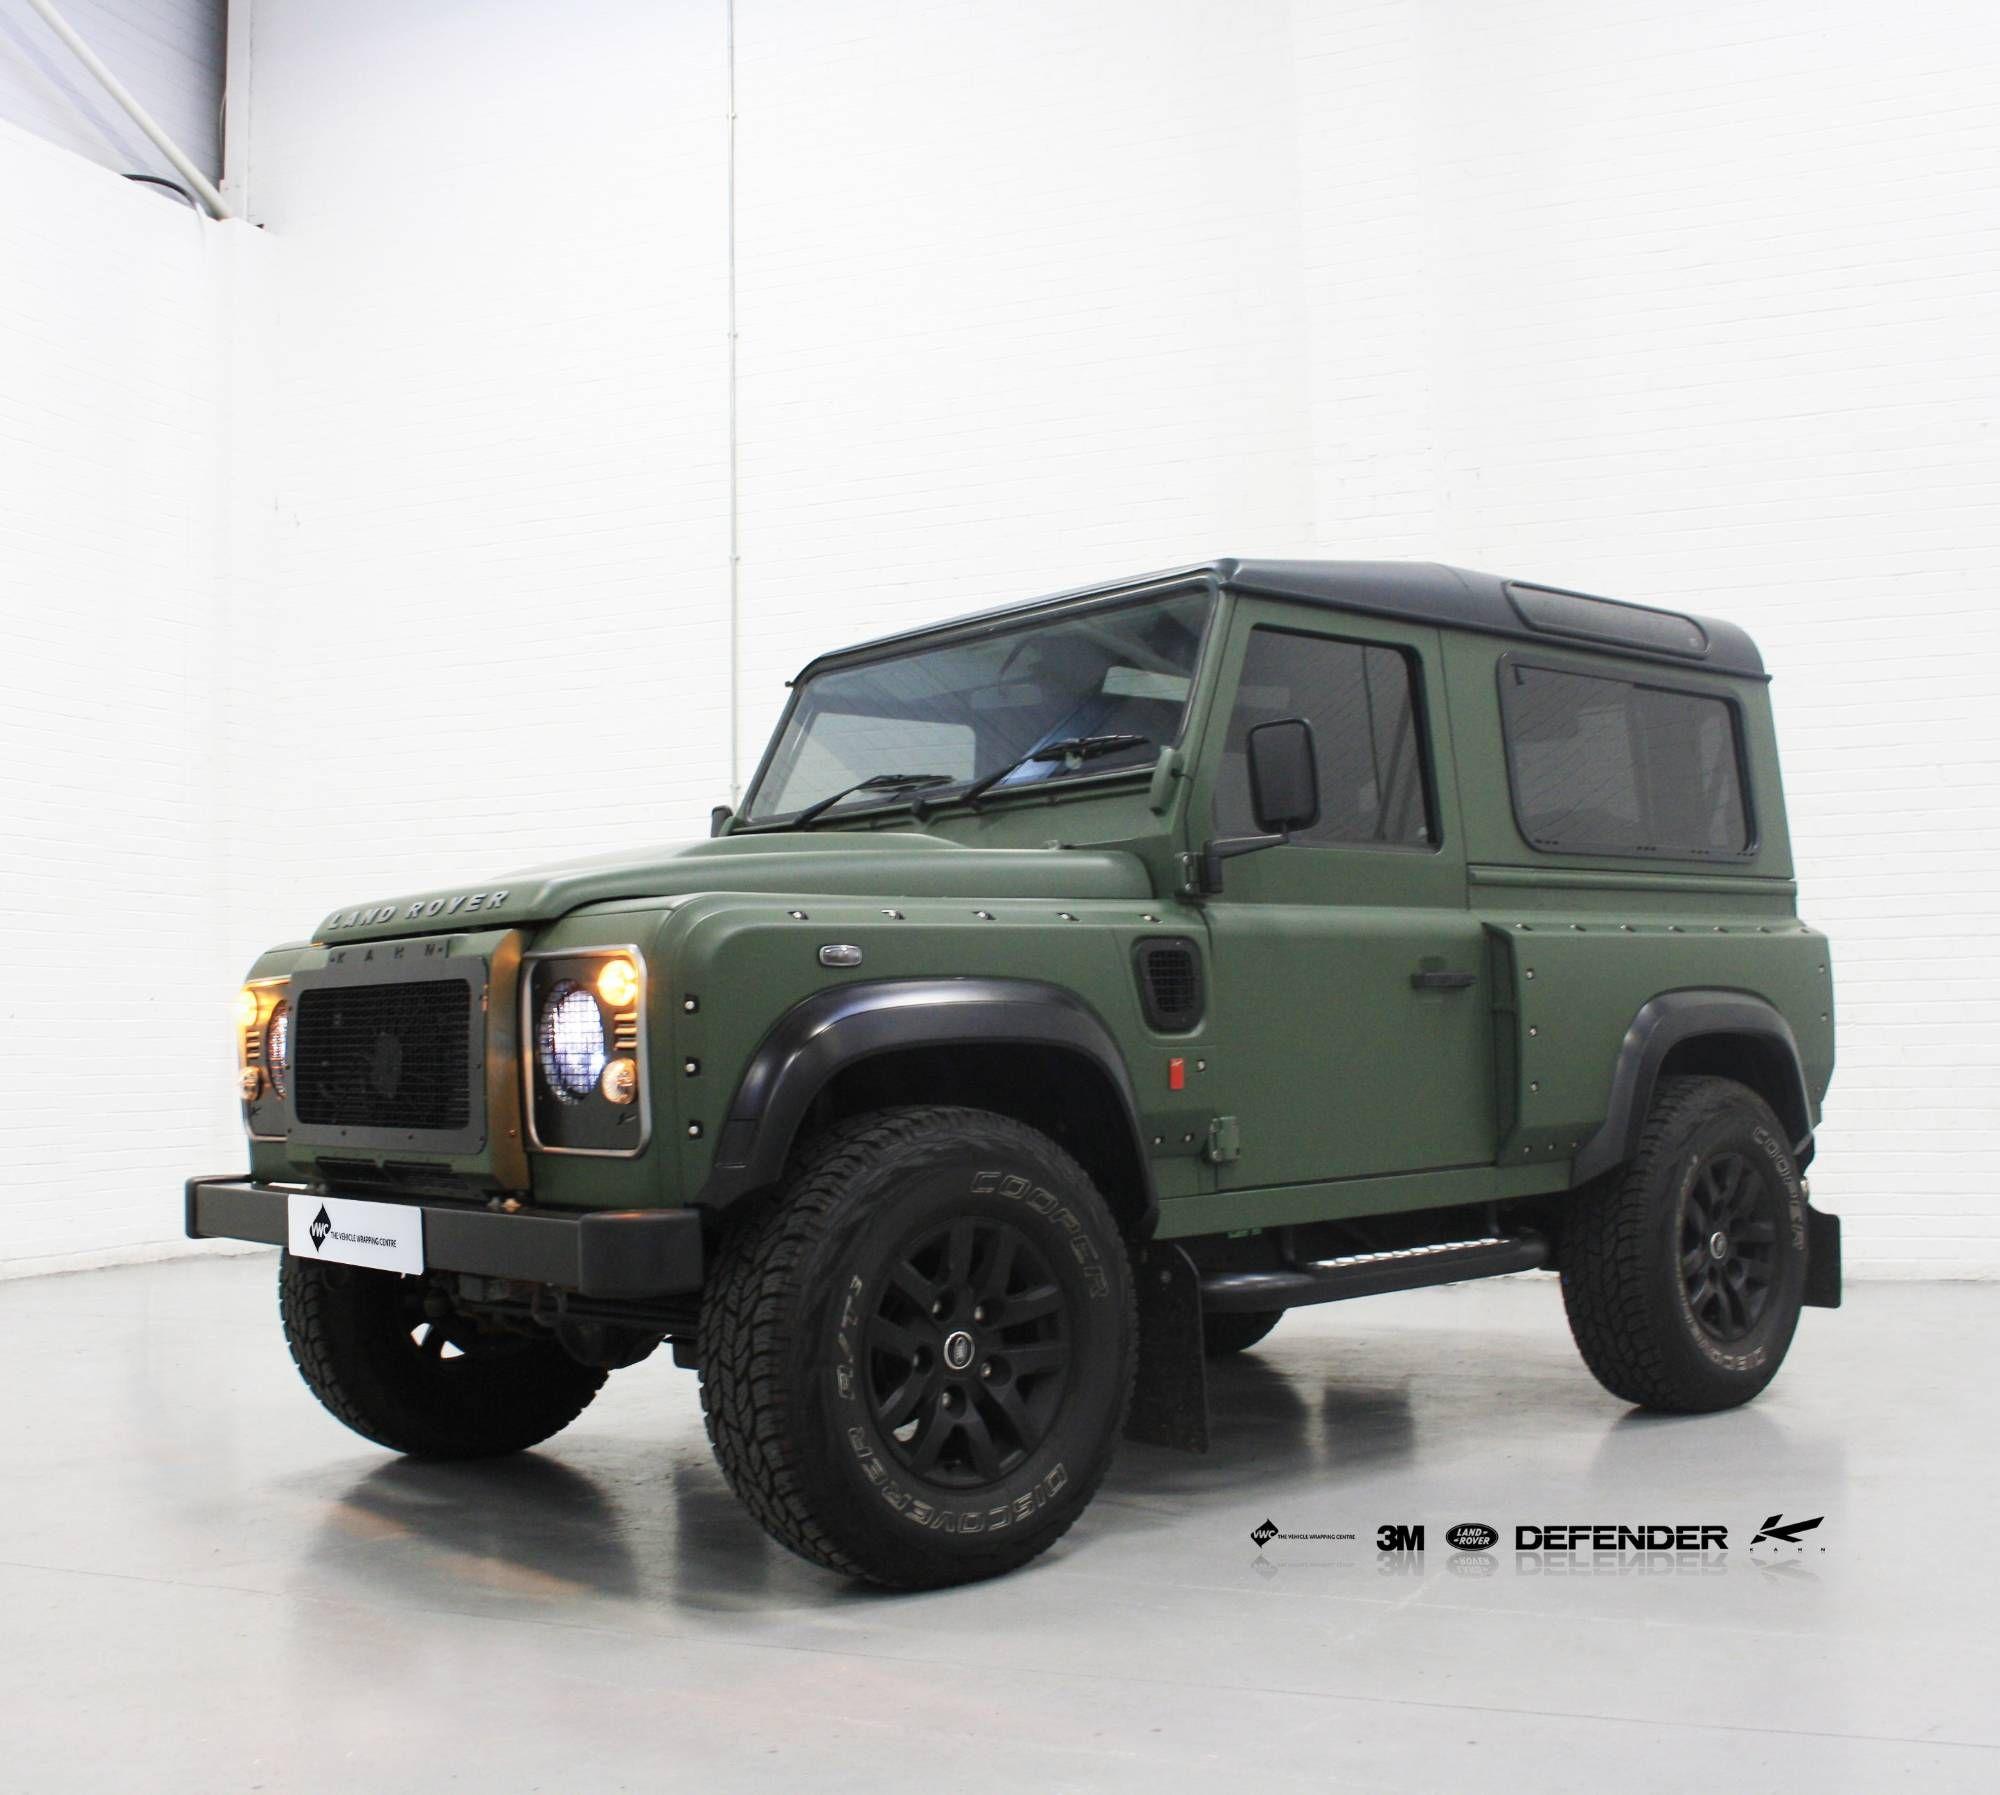 Project Kahn Defender 3m 1080 Matte Military Green Personal Vehicle Wrap Project Kahn Defender Land Rover Defender Defender